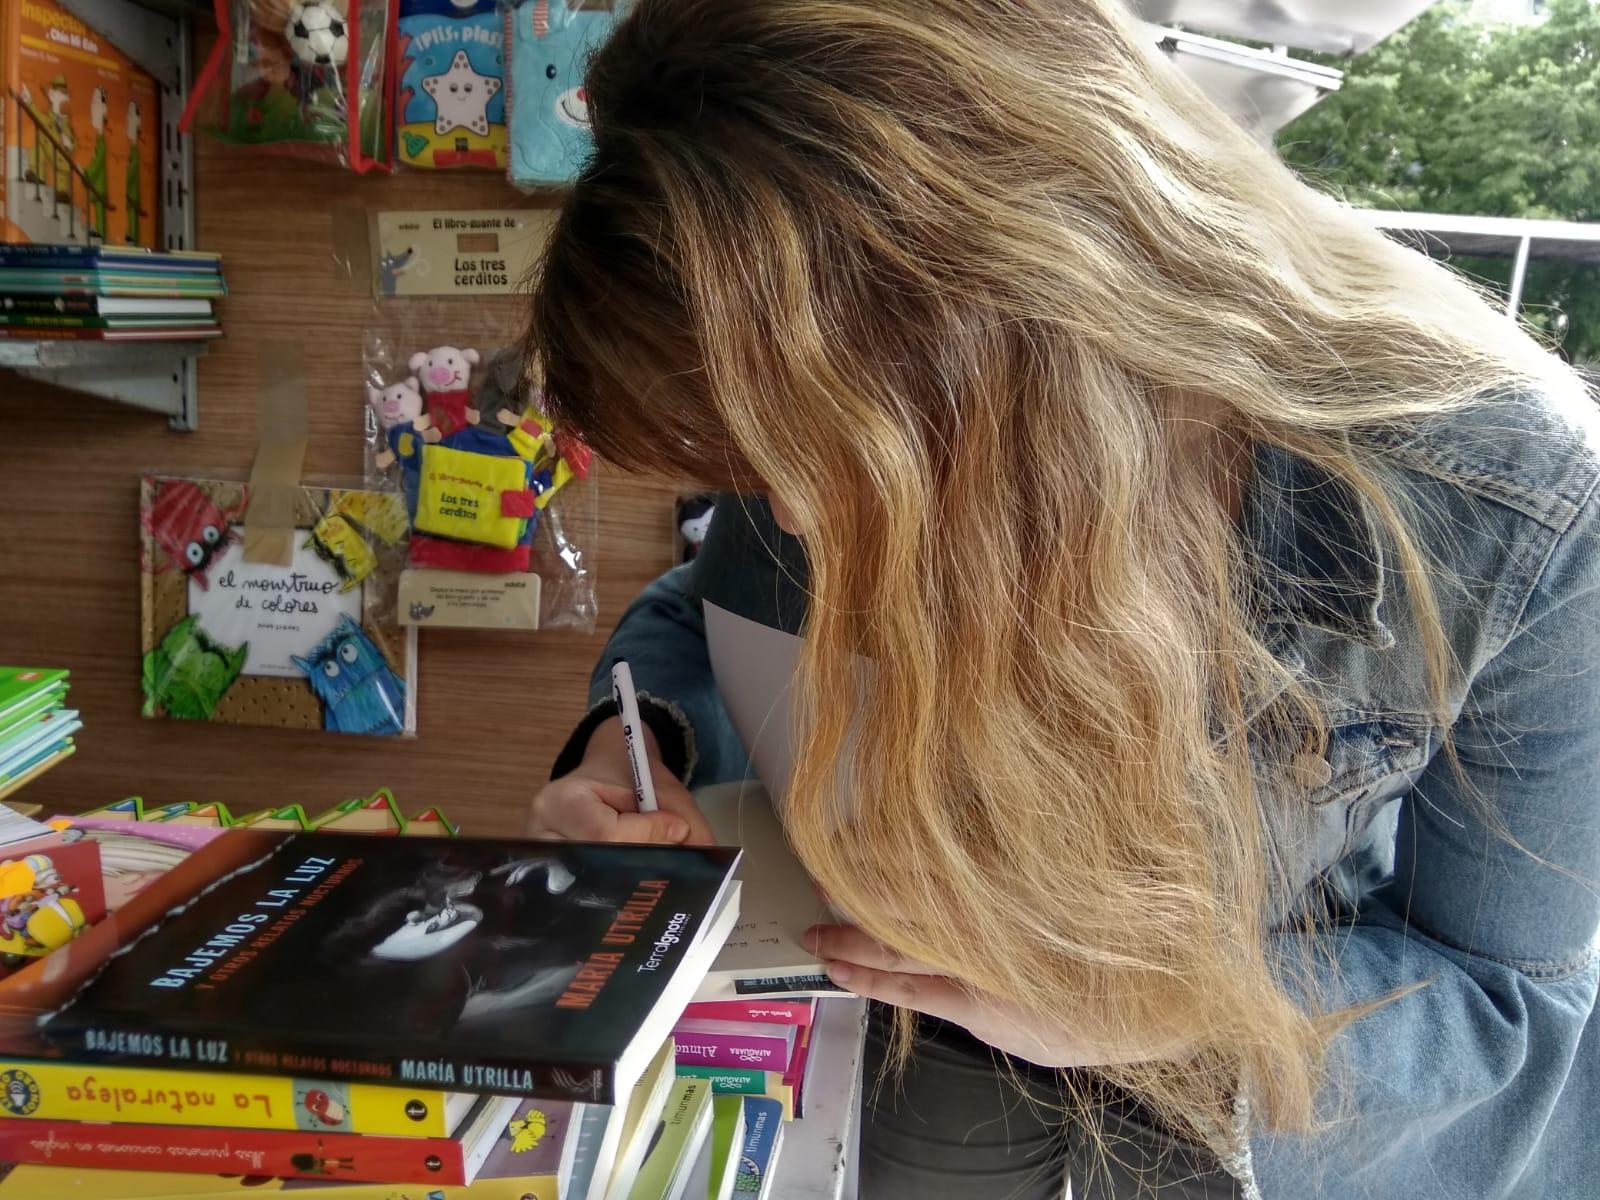 Publicar-un-libro-editar-Madrid-Barcelona-cataluña-españa-català-Andalucia-coedicion-autoedicion-bajemos-la-luz-maria-utrilla-feria-libro-cuenca-2